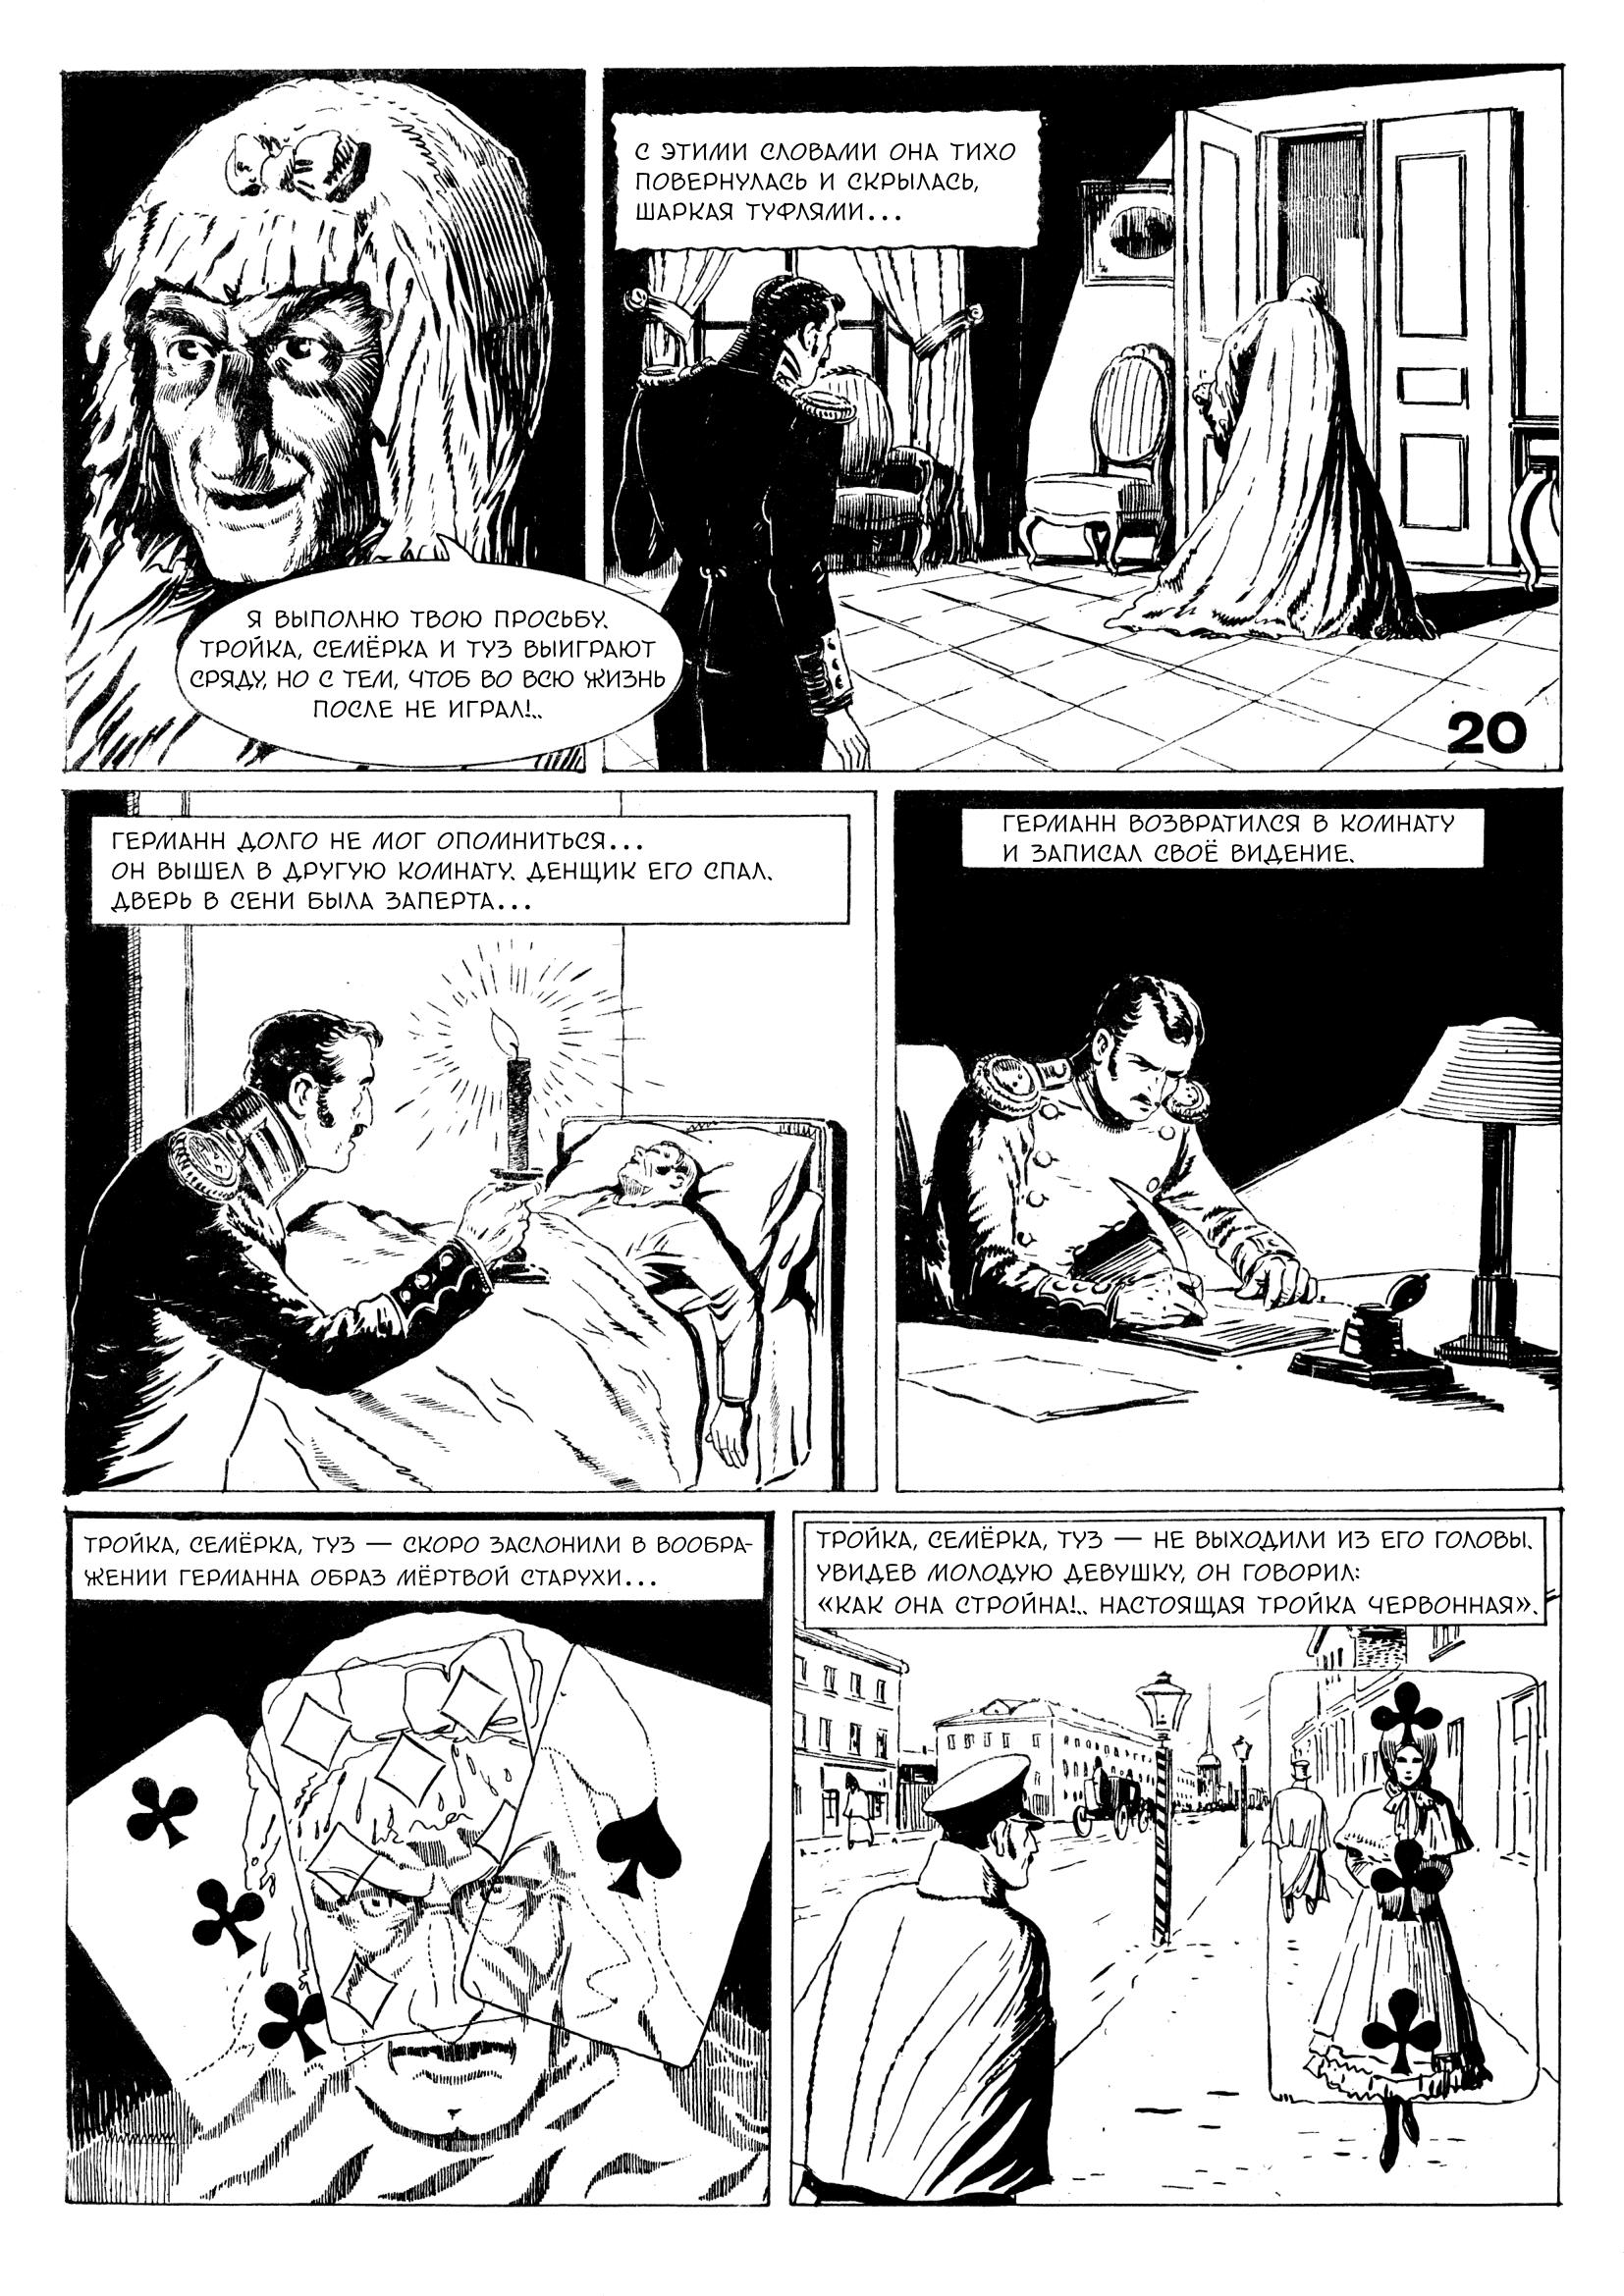 Русский комикс, 1935-1945, королевство Югославия. Отрывок из Пиковой дамы - Stone Forest